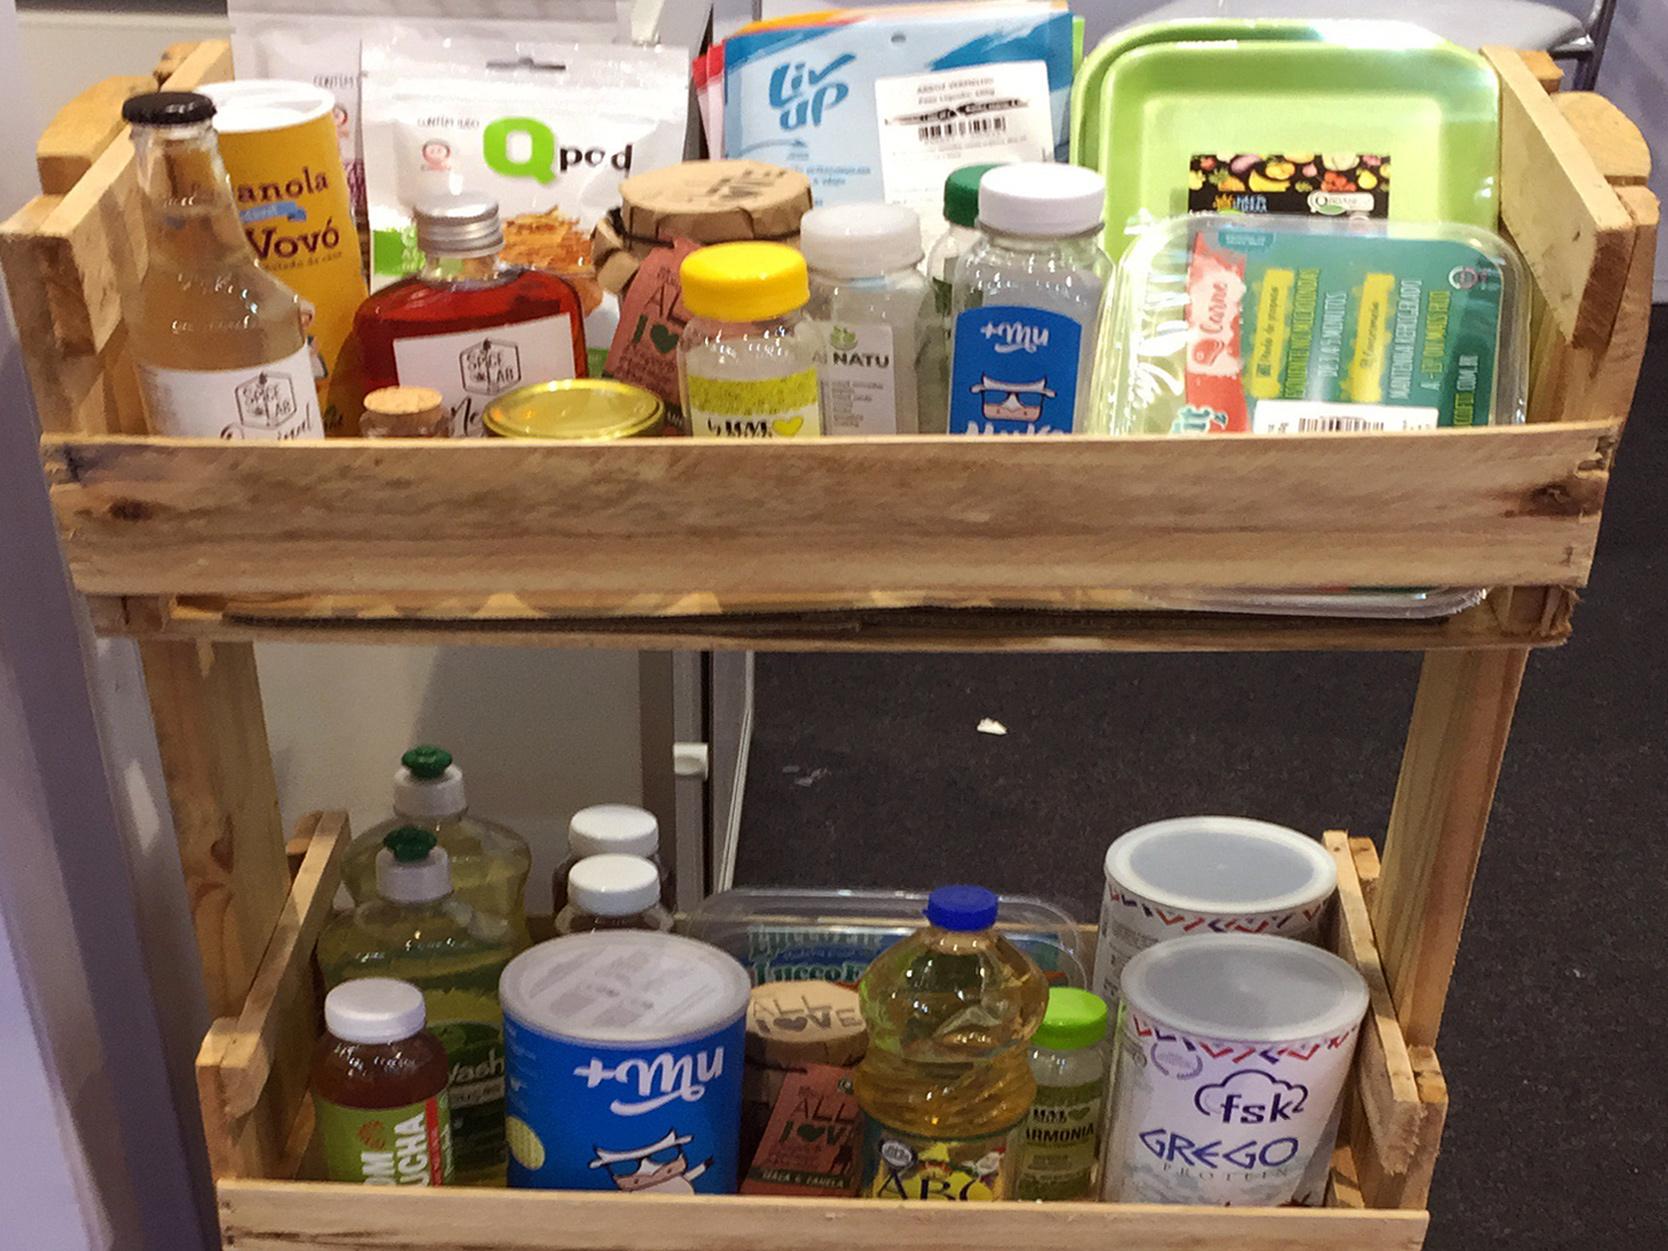 Embalagens de marcas engajadas com sustentabilidade corporativa